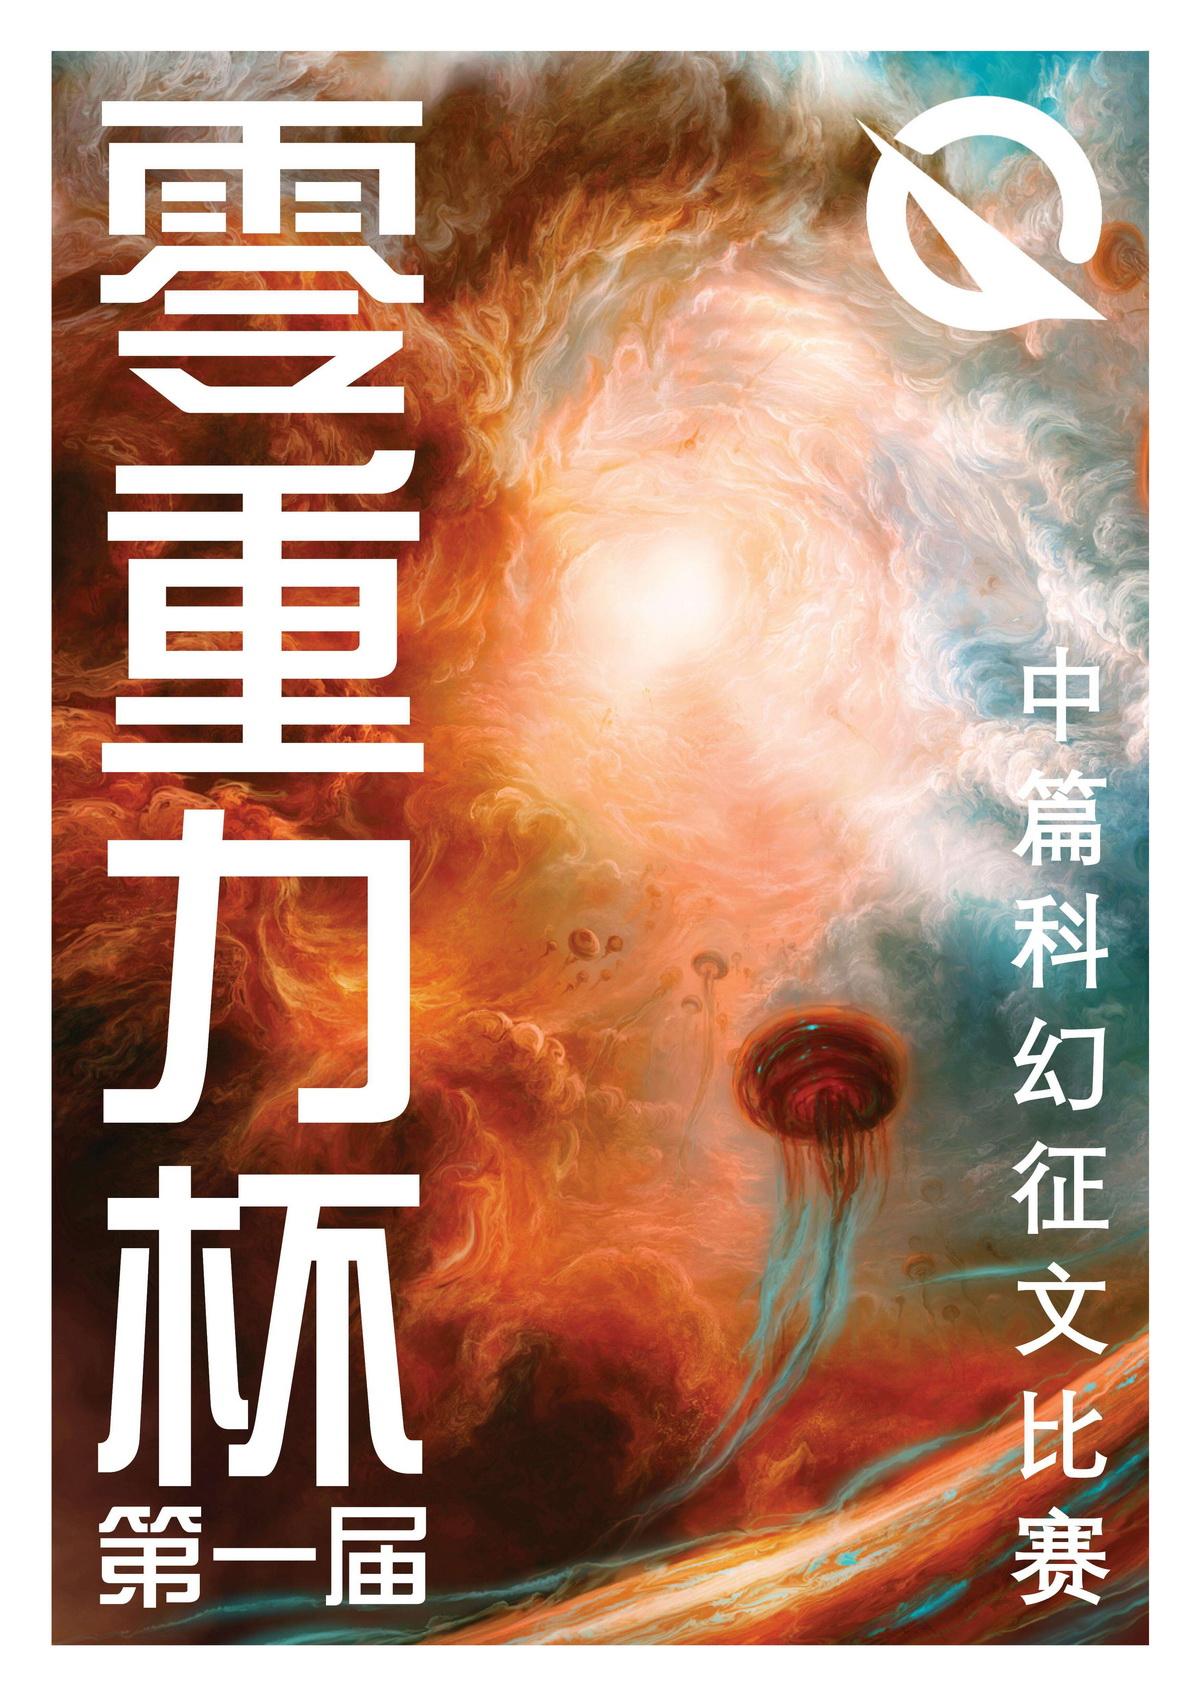 第一届零重力杯中篇科幻征文比赛